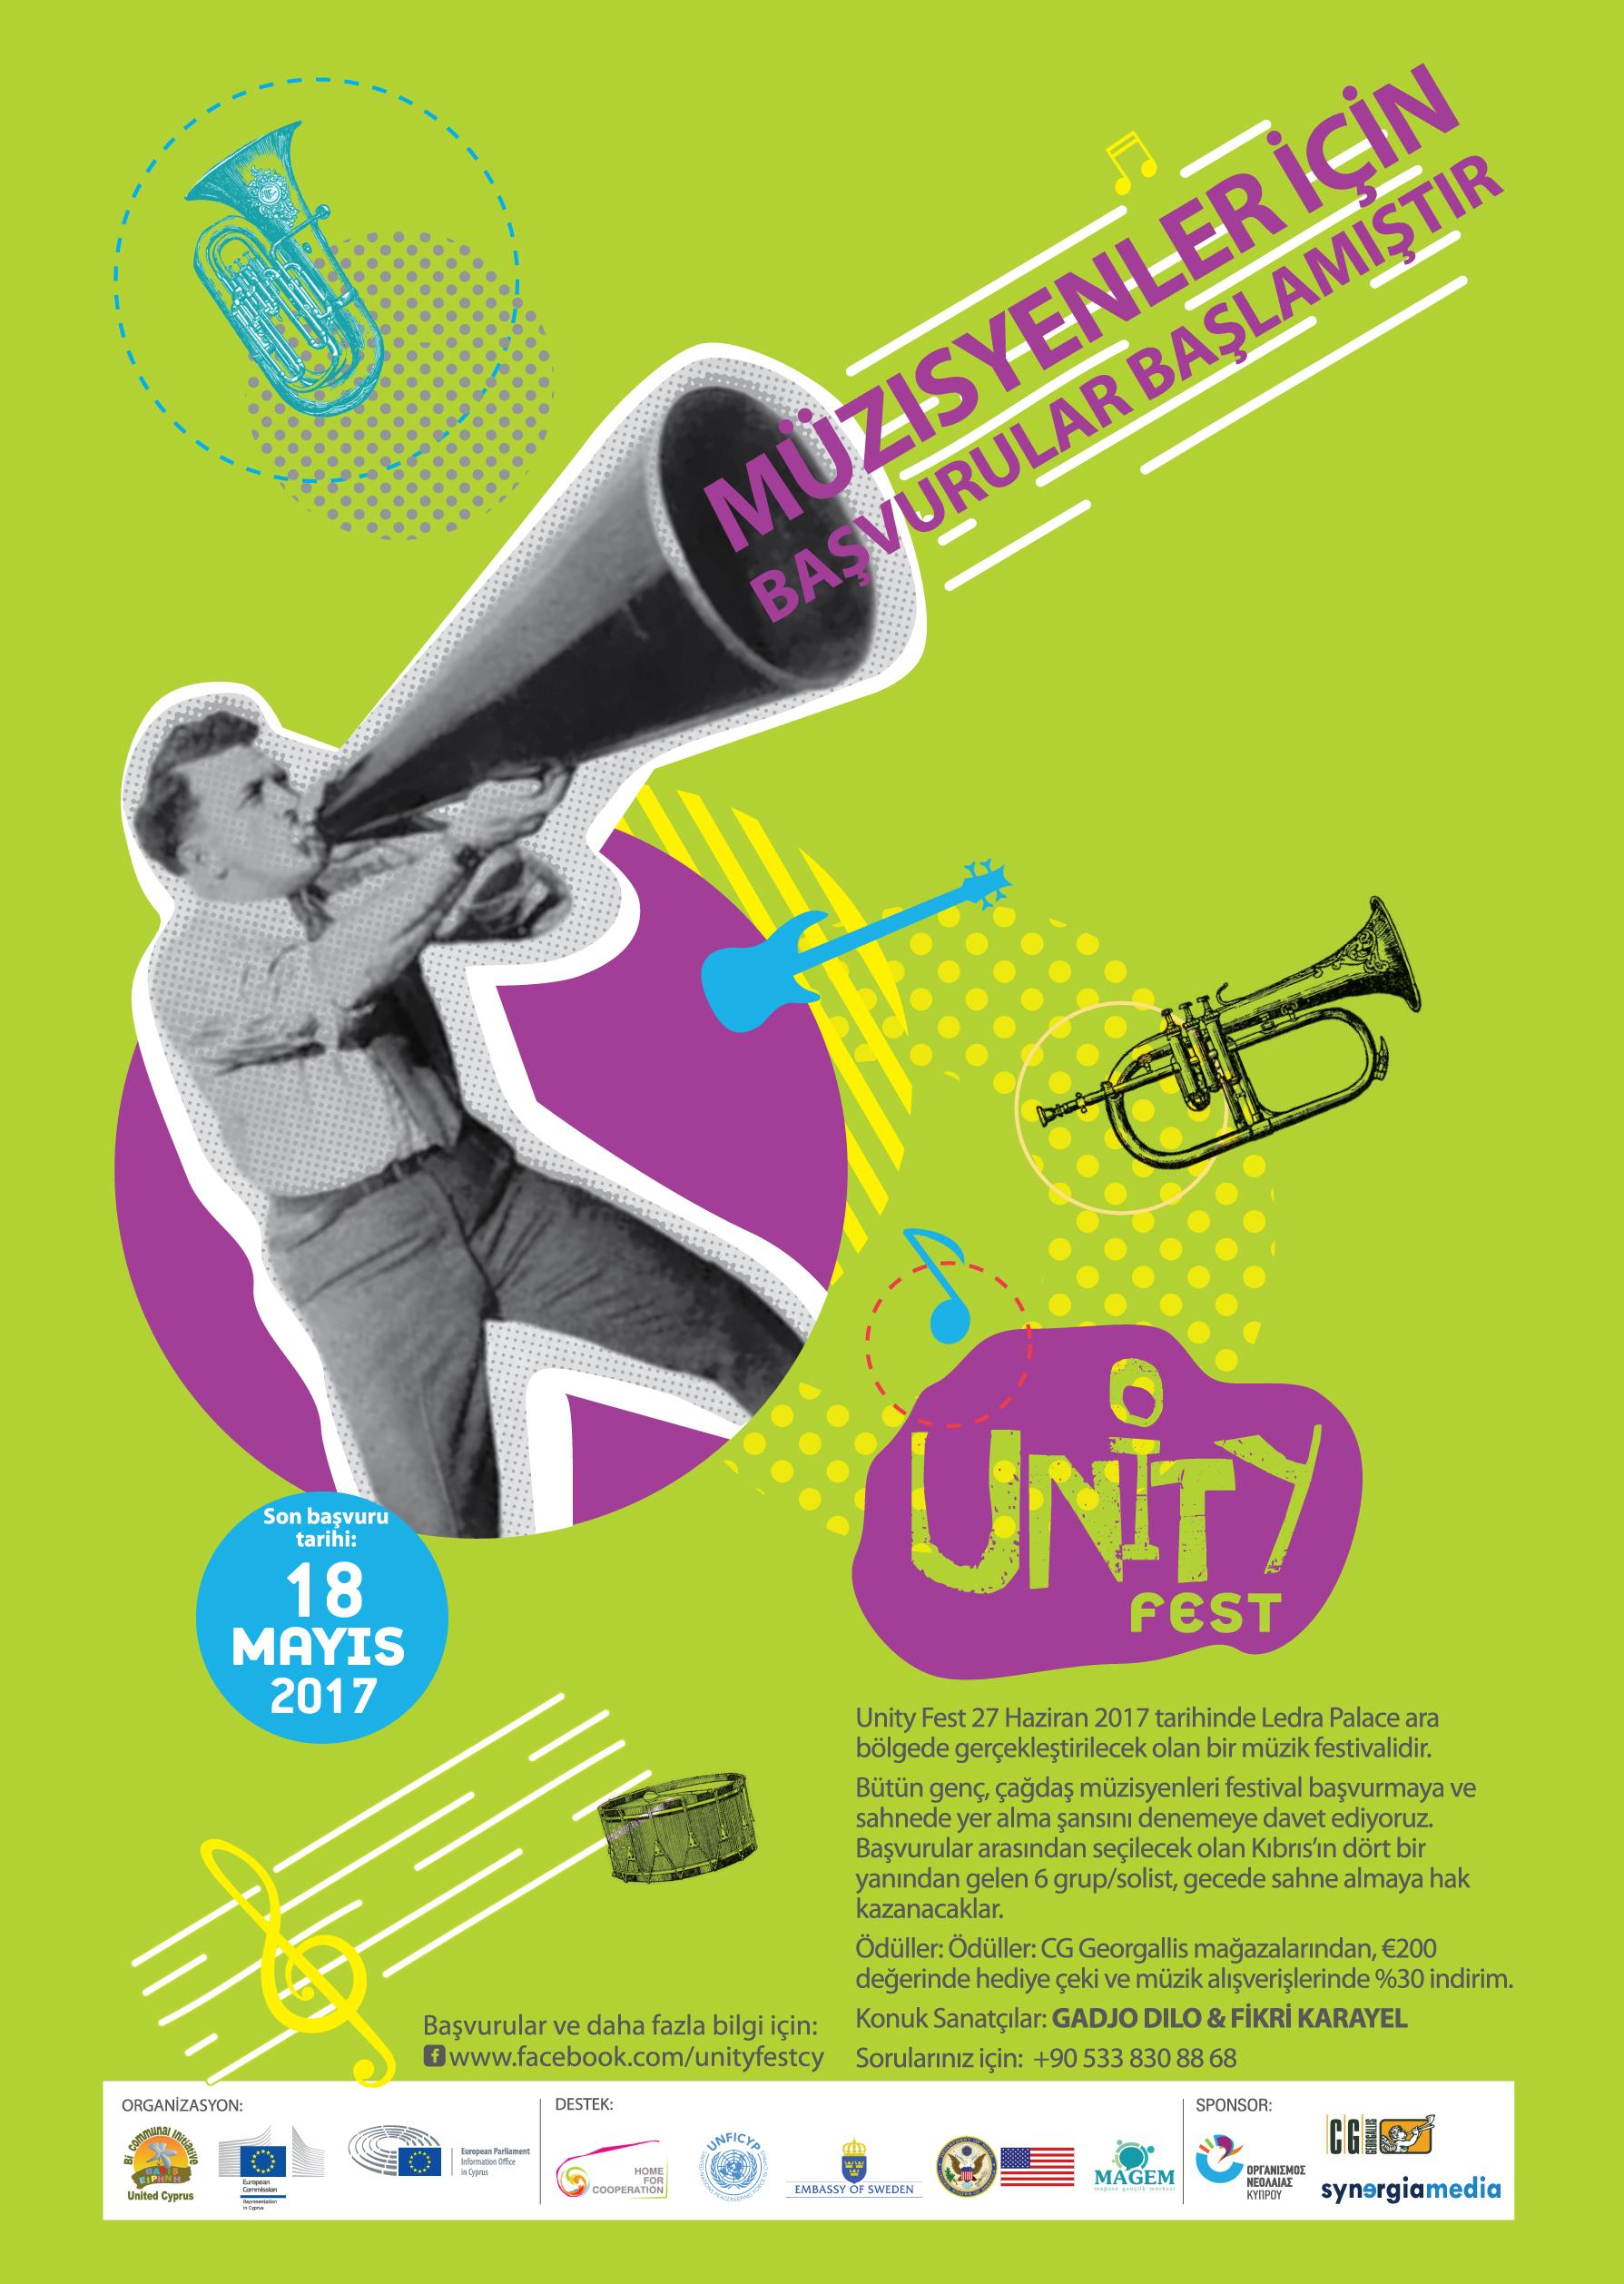 """İki Toplumlu Müzik Festivali """"Unity Fest"""" için Başvurular Başladı!"""